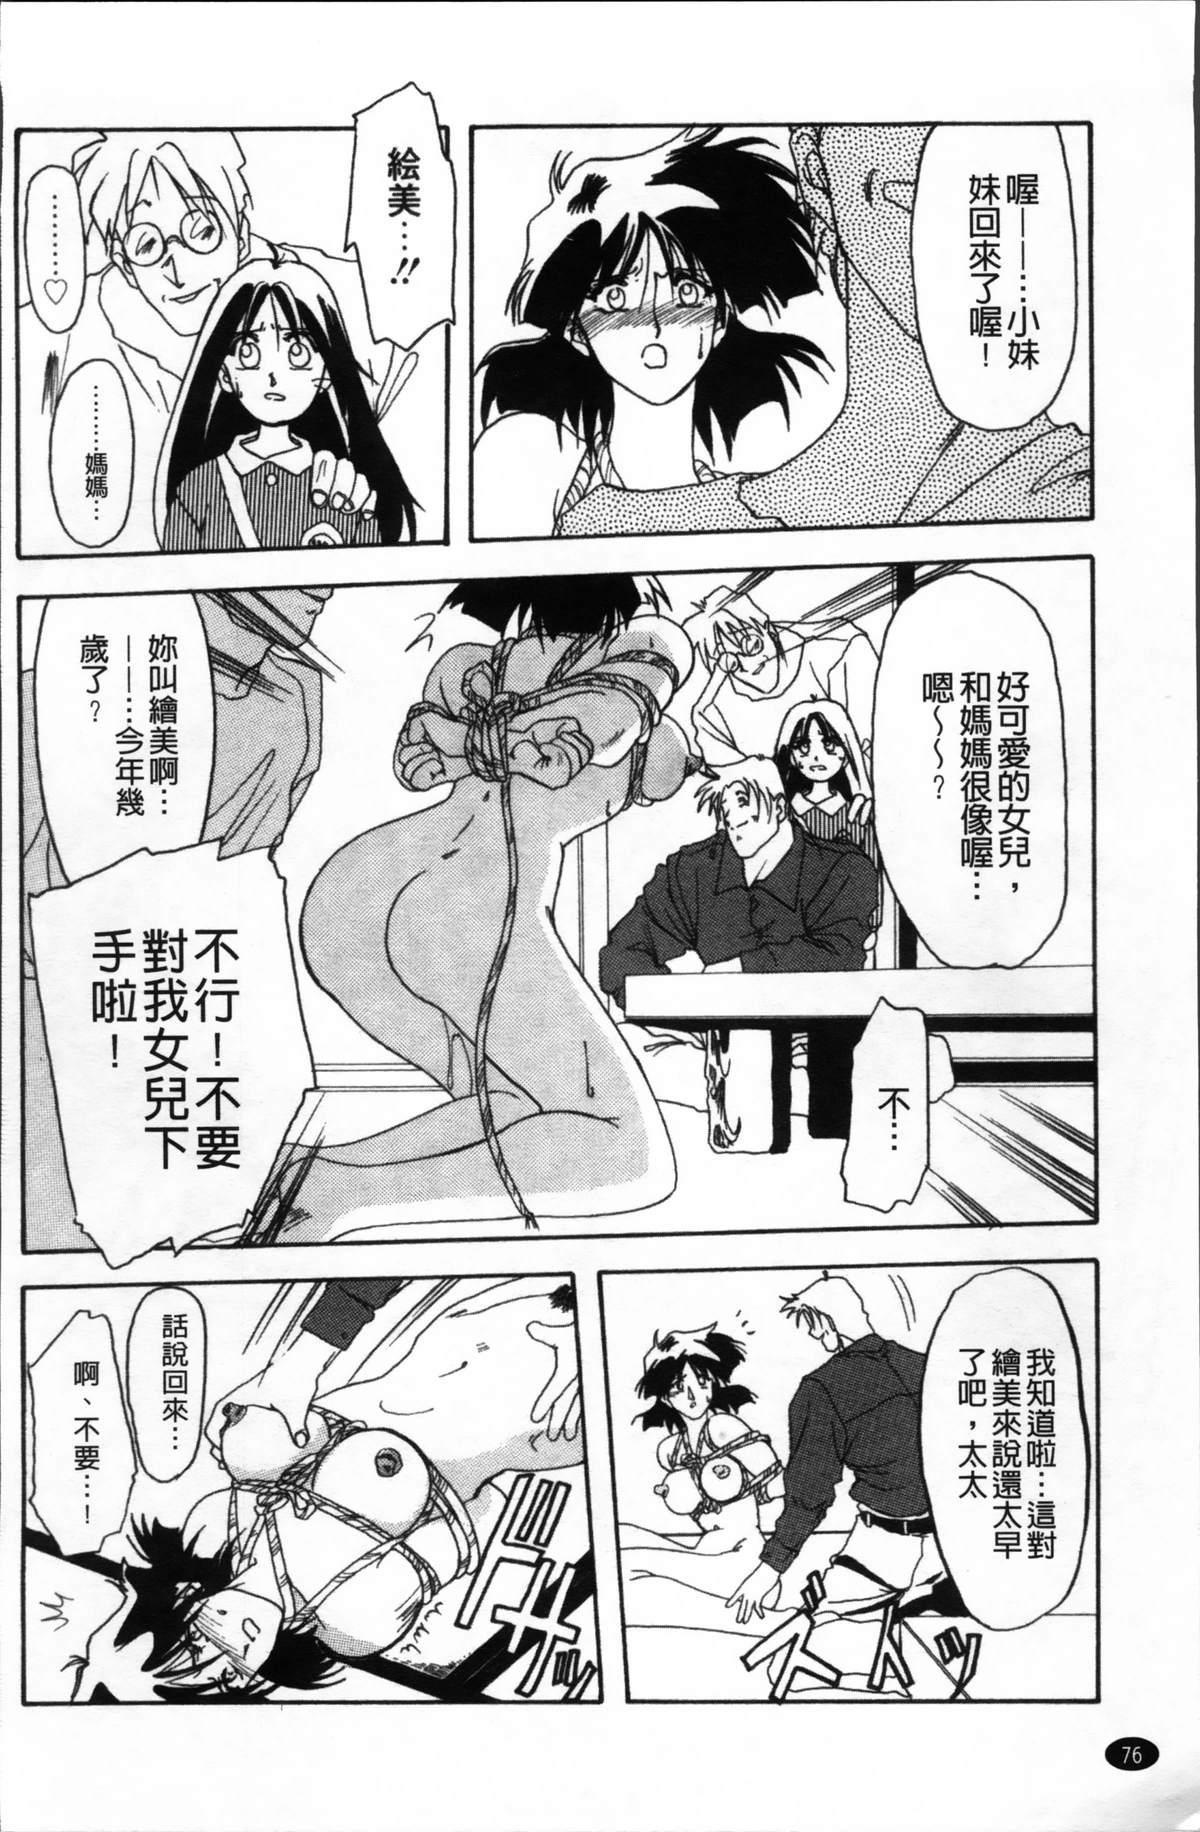 Hiiro no Koku Kanzenban   緋色之刻 完全版 79